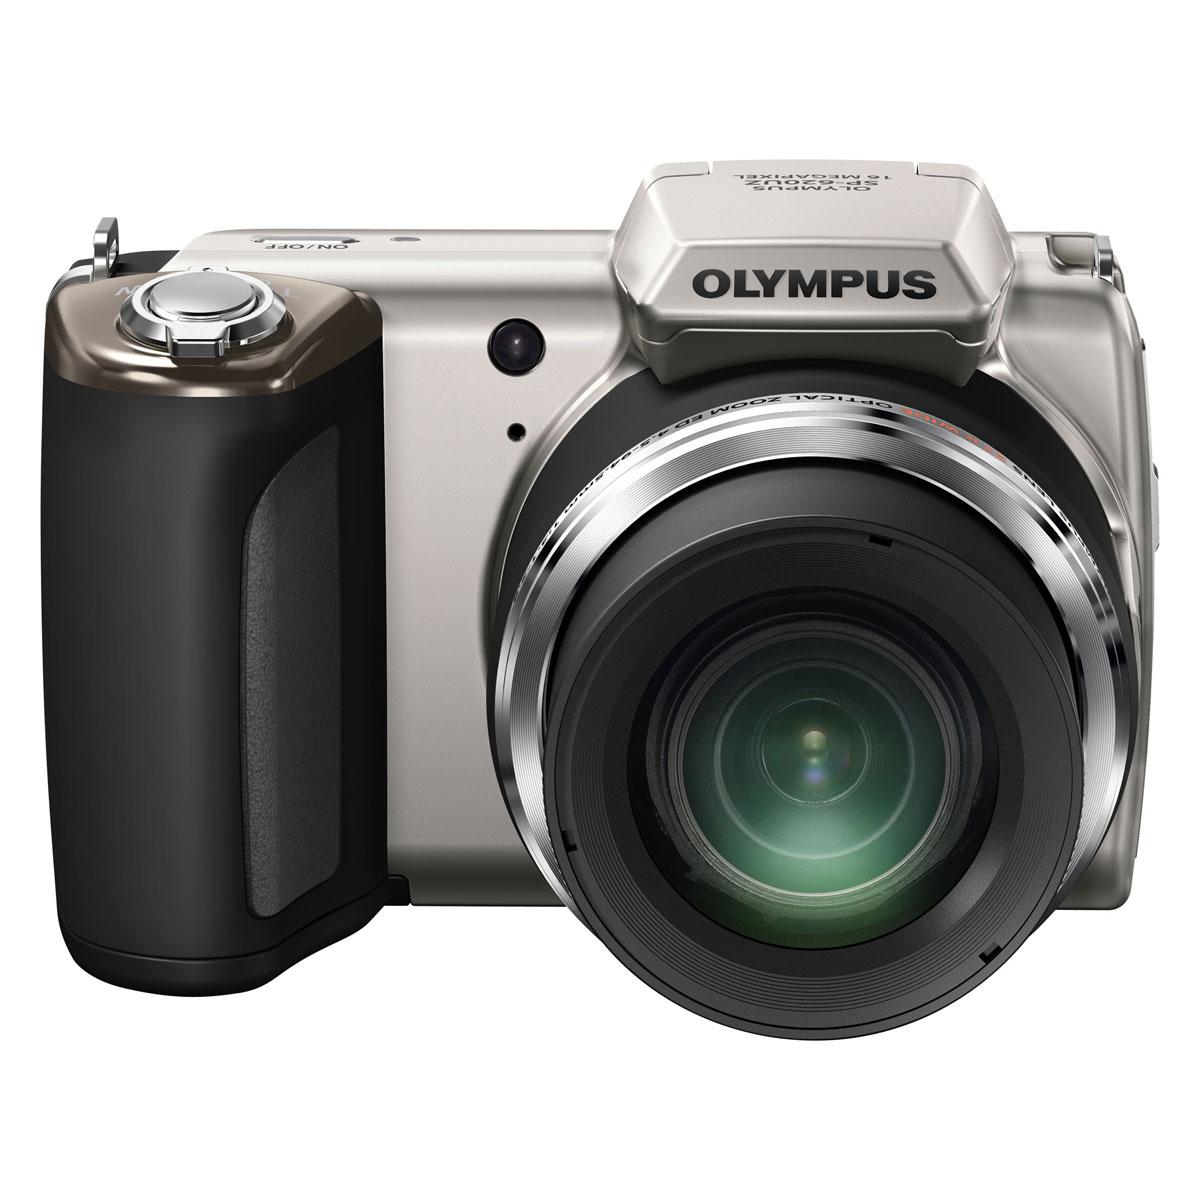 olympus sp 620uz argent appareil photo num rique olympus sur. Black Bedroom Furniture Sets. Home Design Ideas